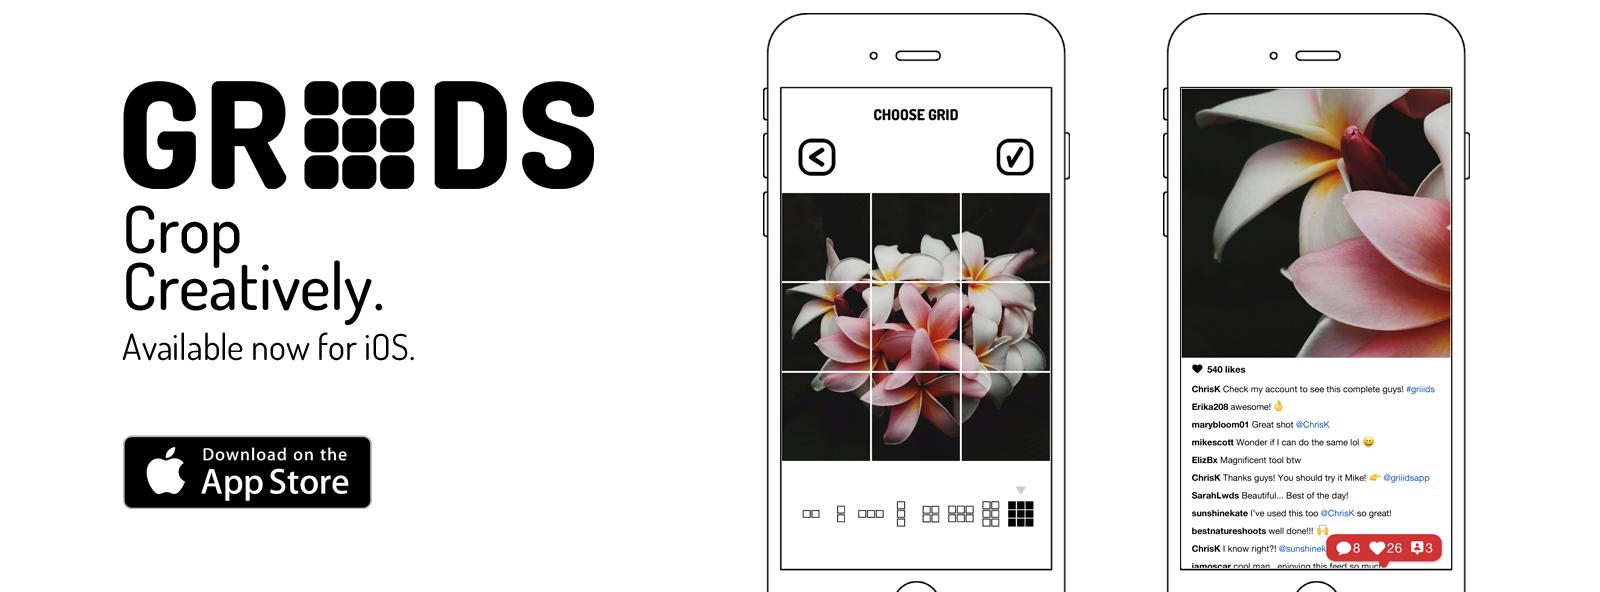 Griiids-App-Facebook.jpg